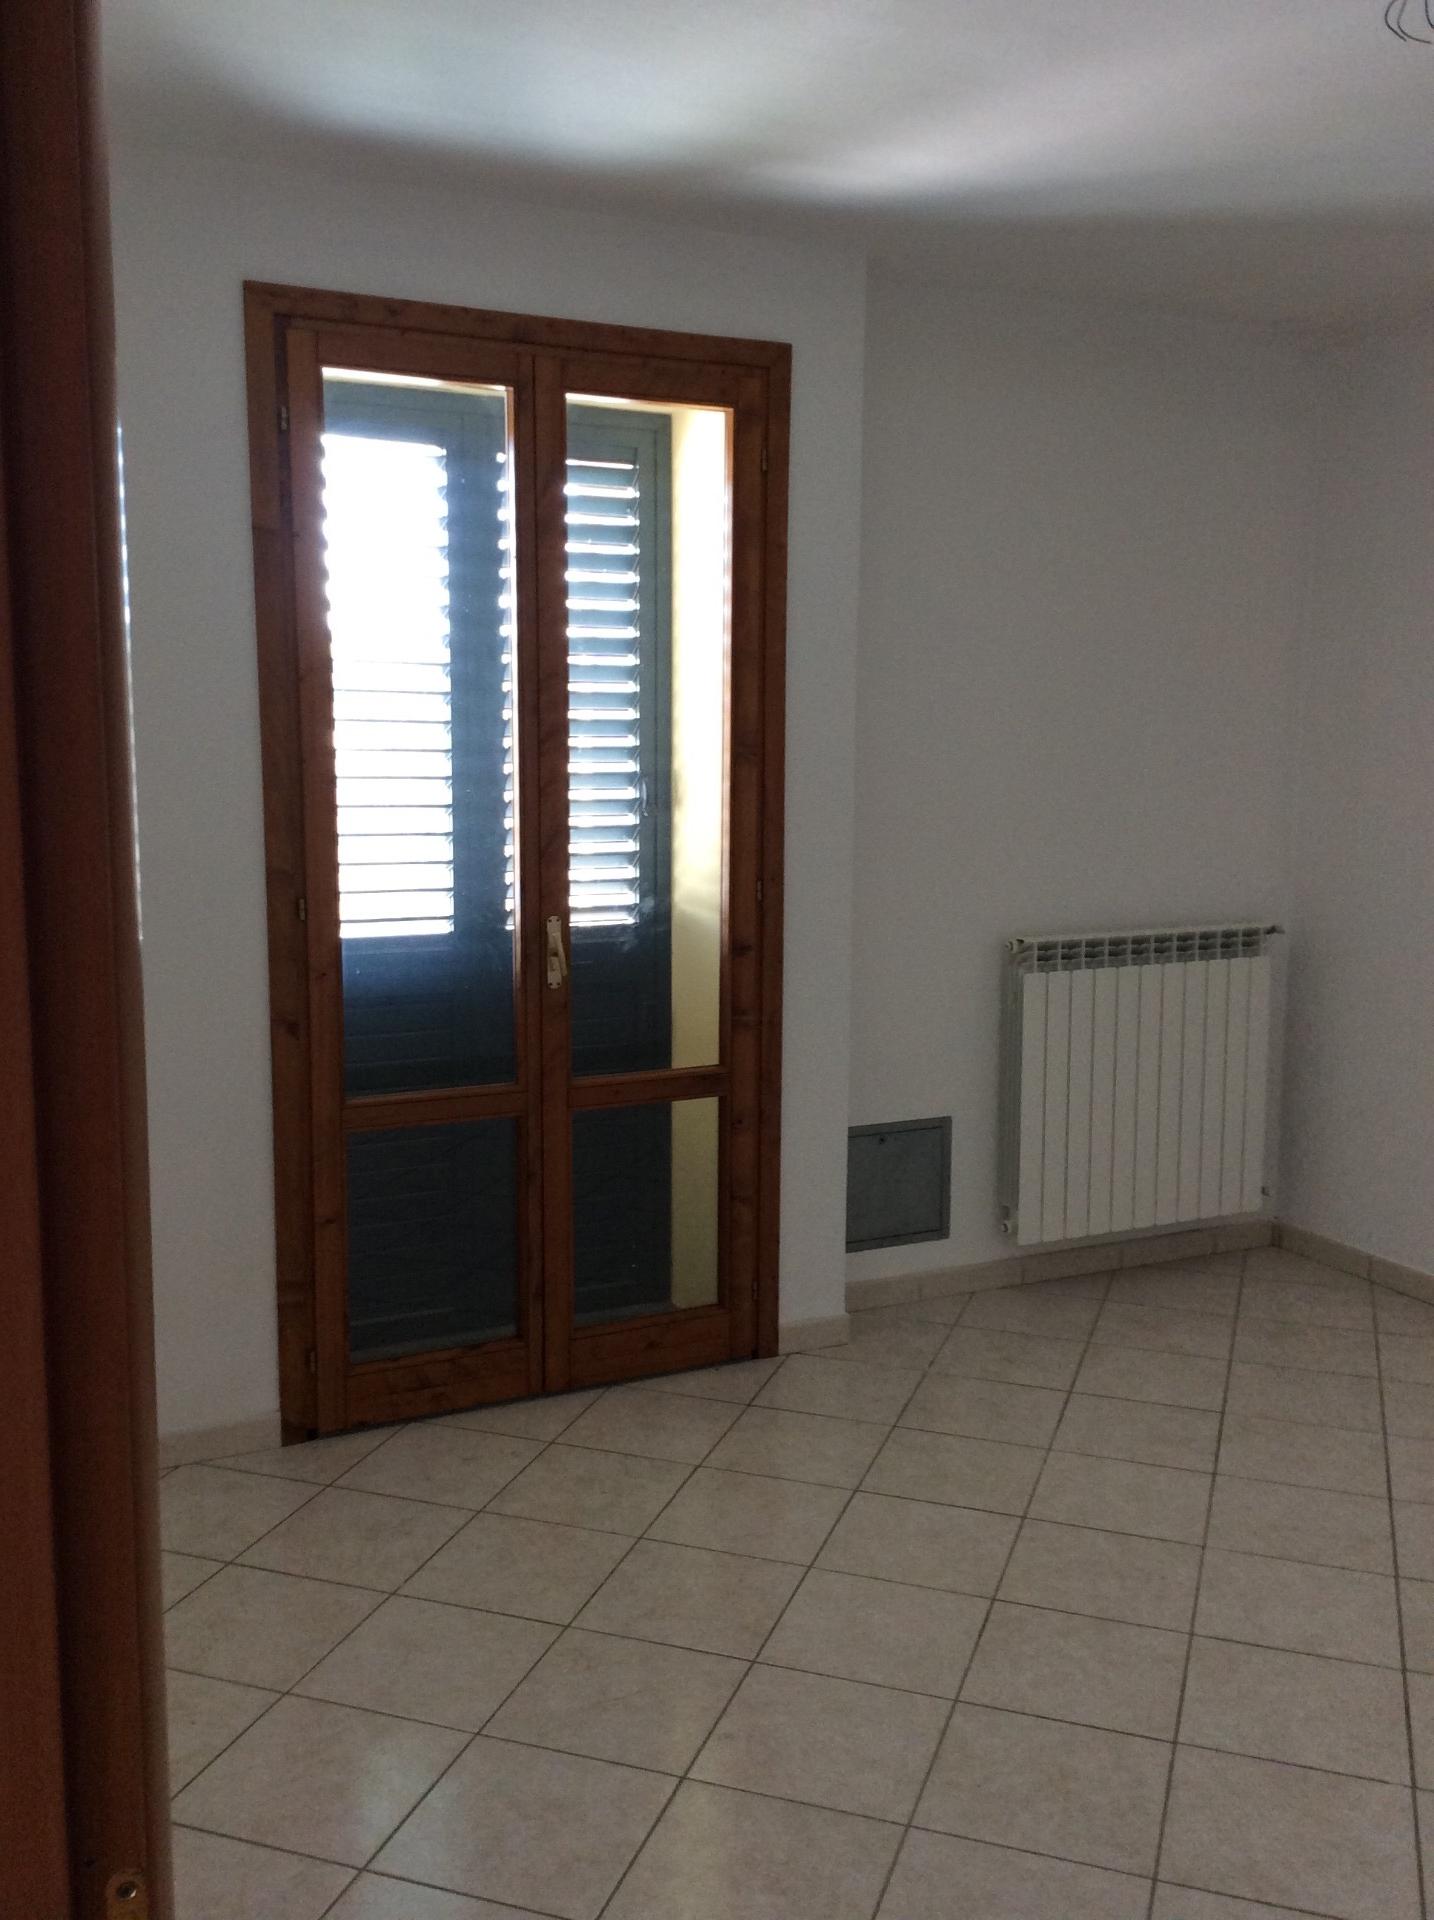 Appartamento in affitto a Castelfiorentino, 2 locali, prezzo € 400 | CambioCasa.it